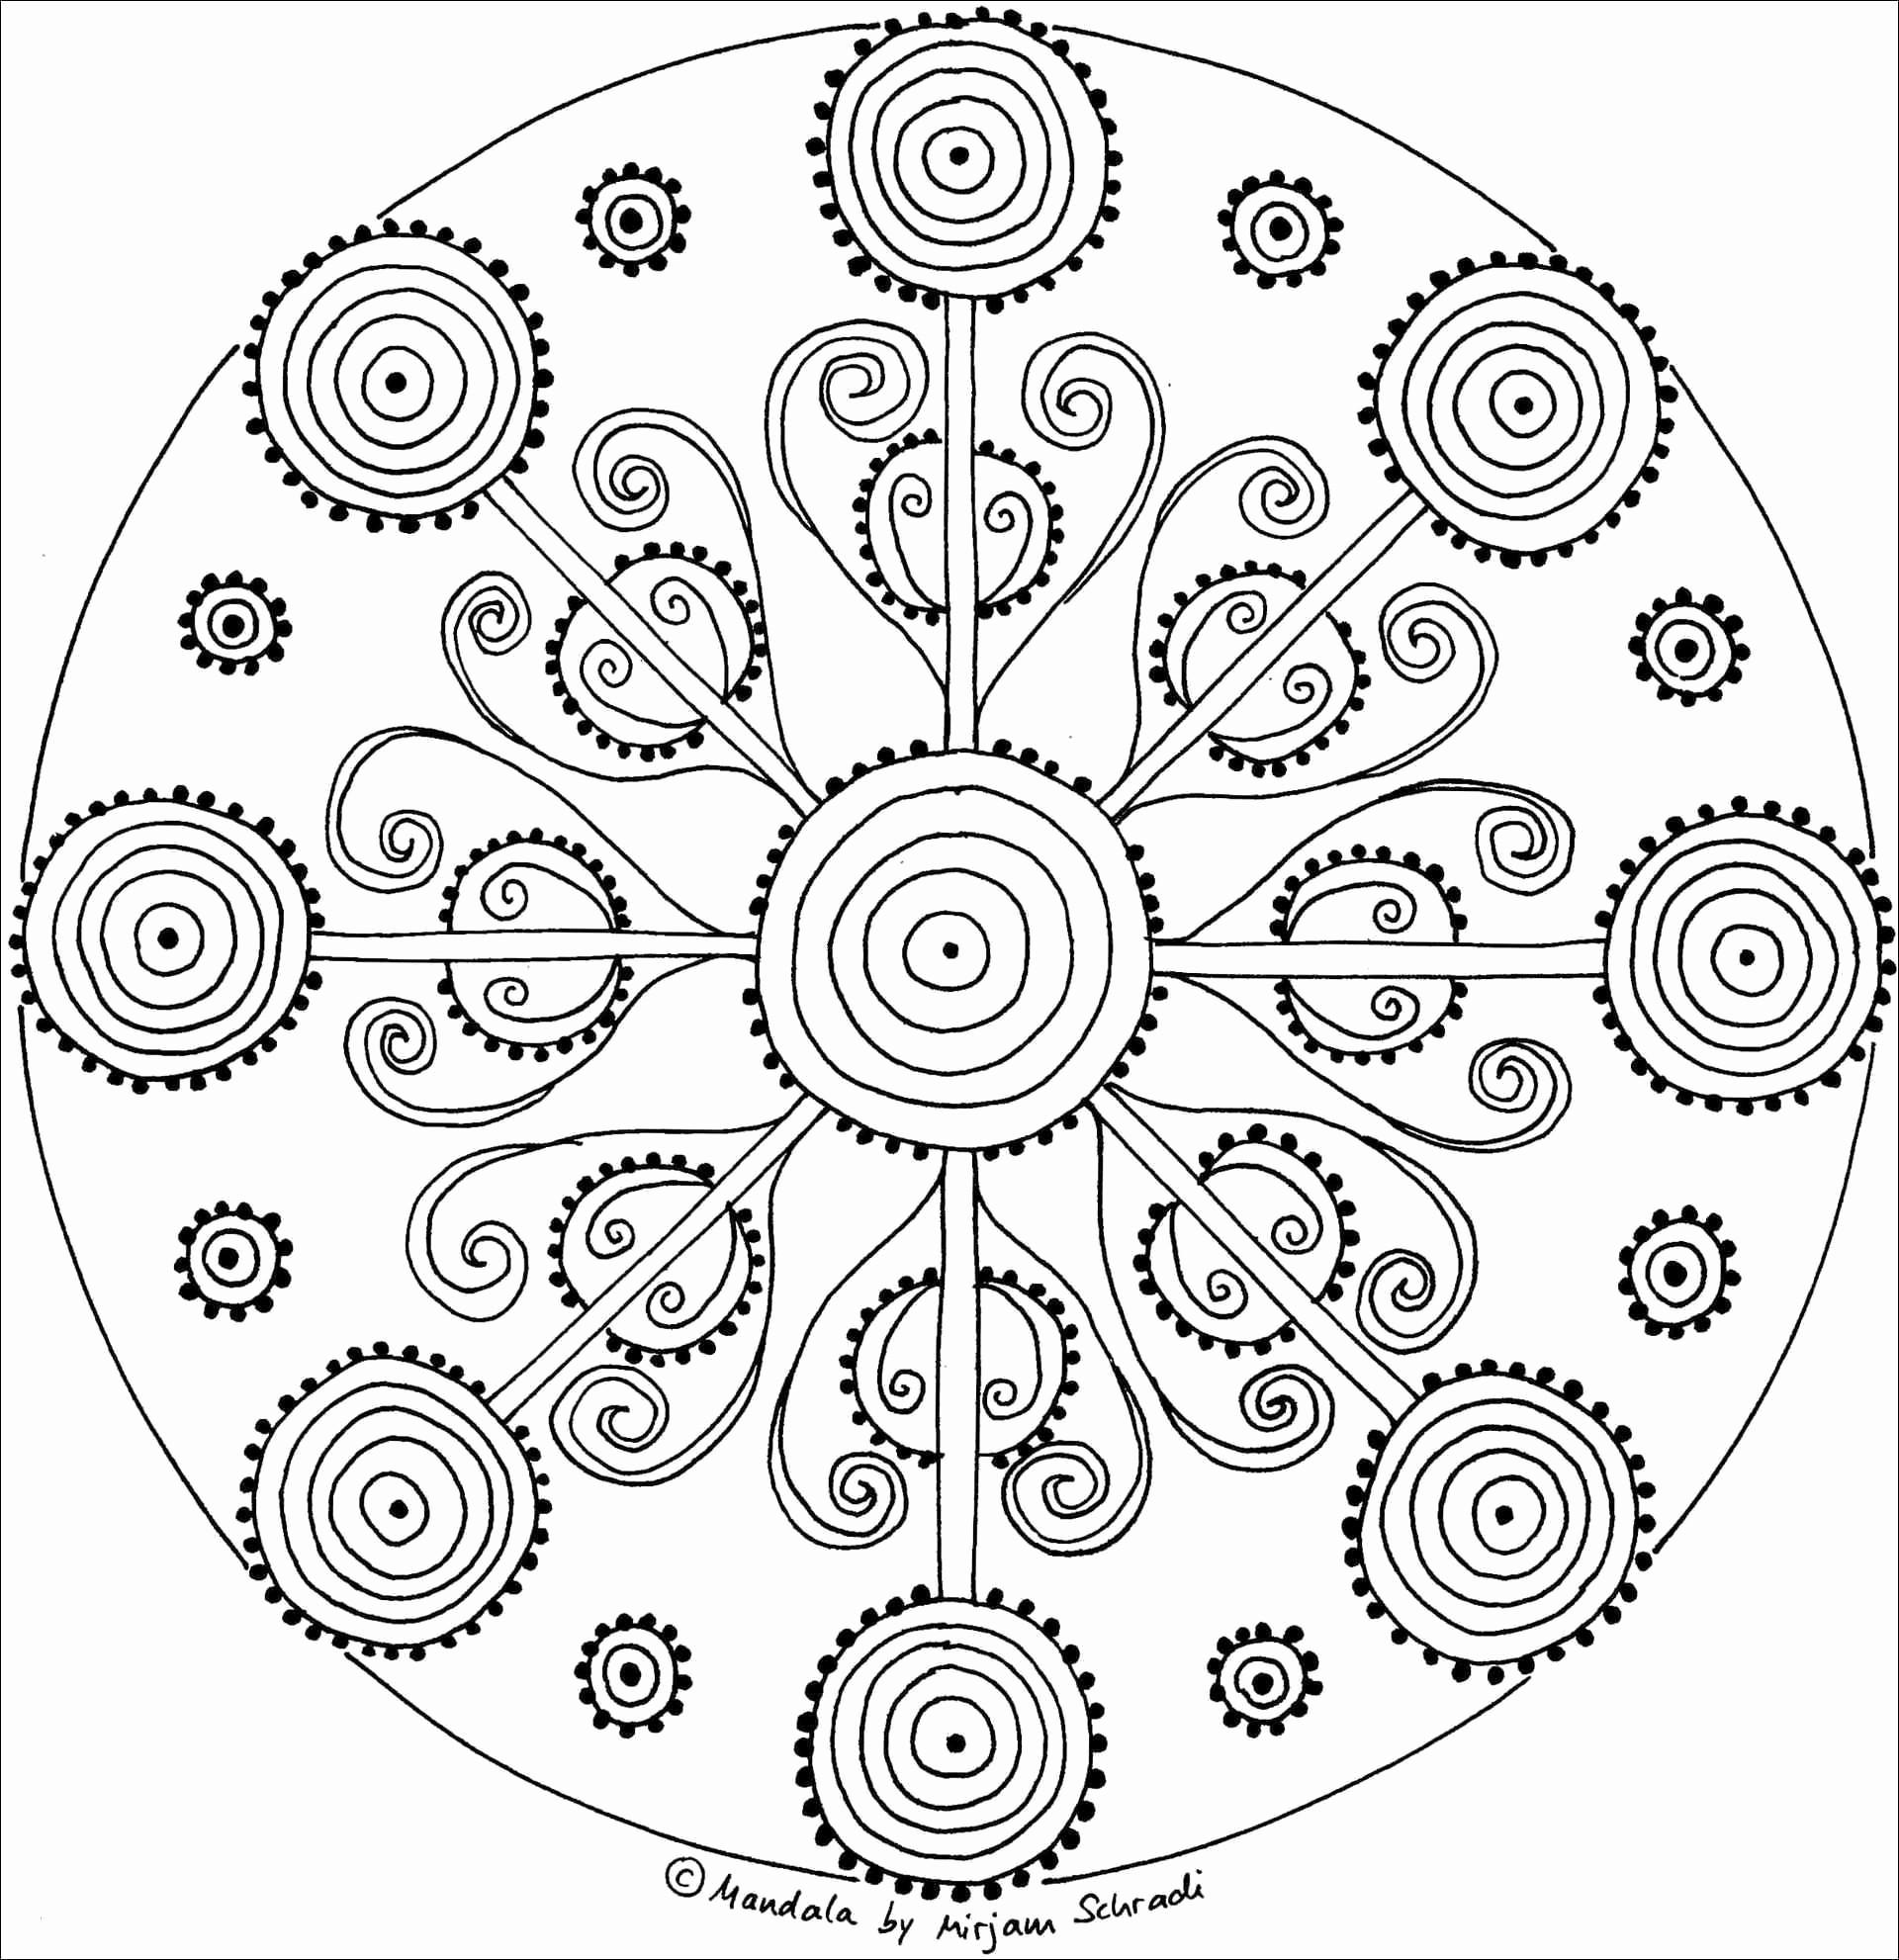 Malvorlagen Mandala Genial 63 Frisch Bilder Von Eulen Bilder Zum Ausmalen Ftd8 Fotografieren